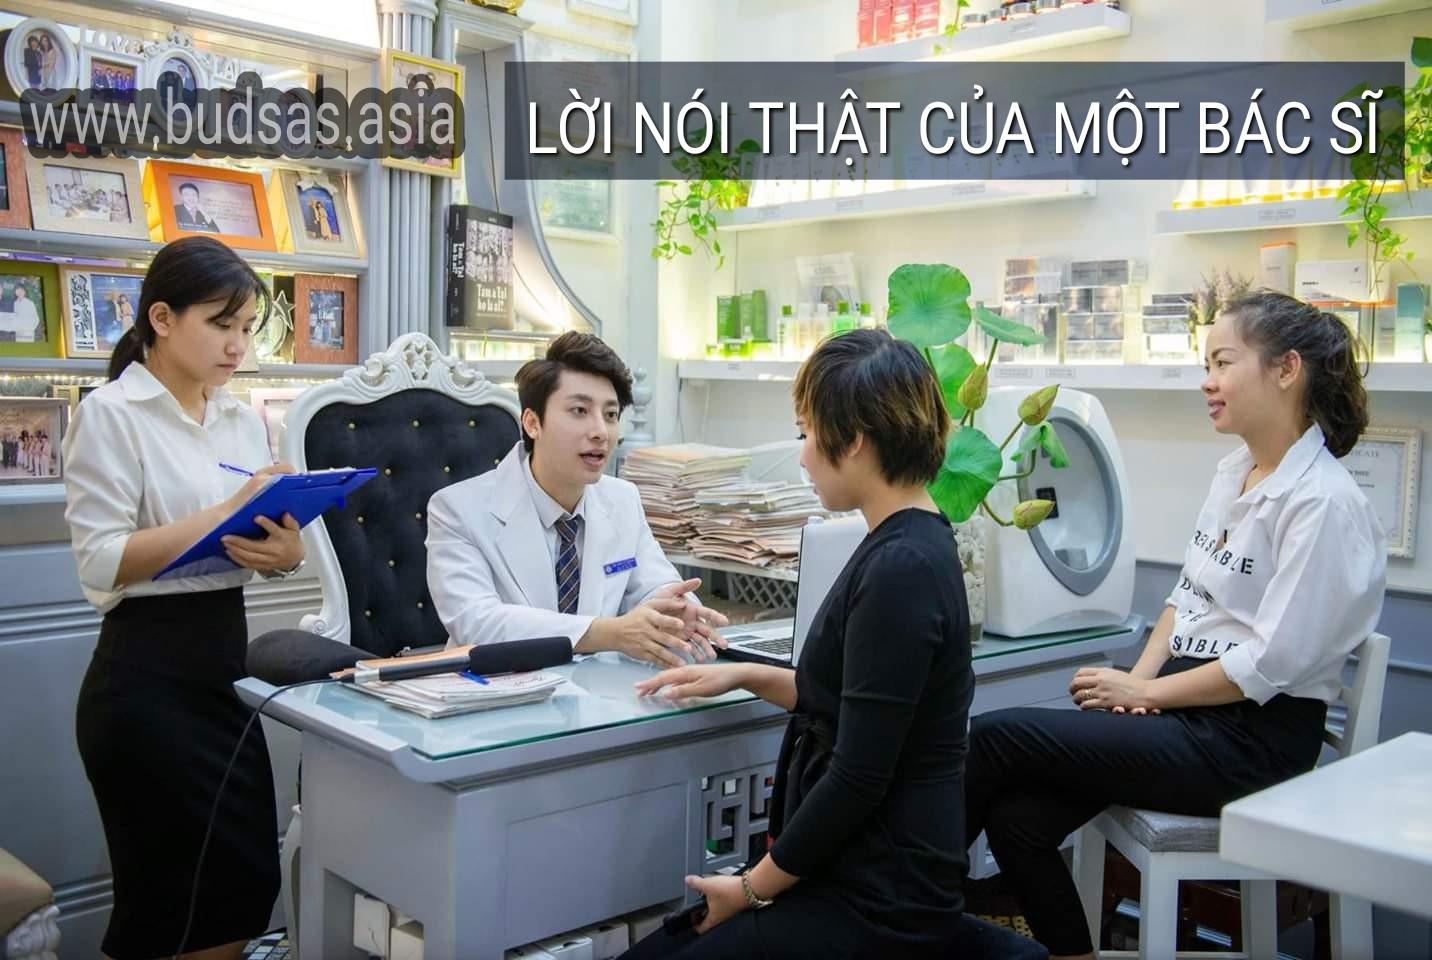 LỜI NÓI THẬT CỦA MỘT BÁC SĨ - Bs Trần Vũ Quang